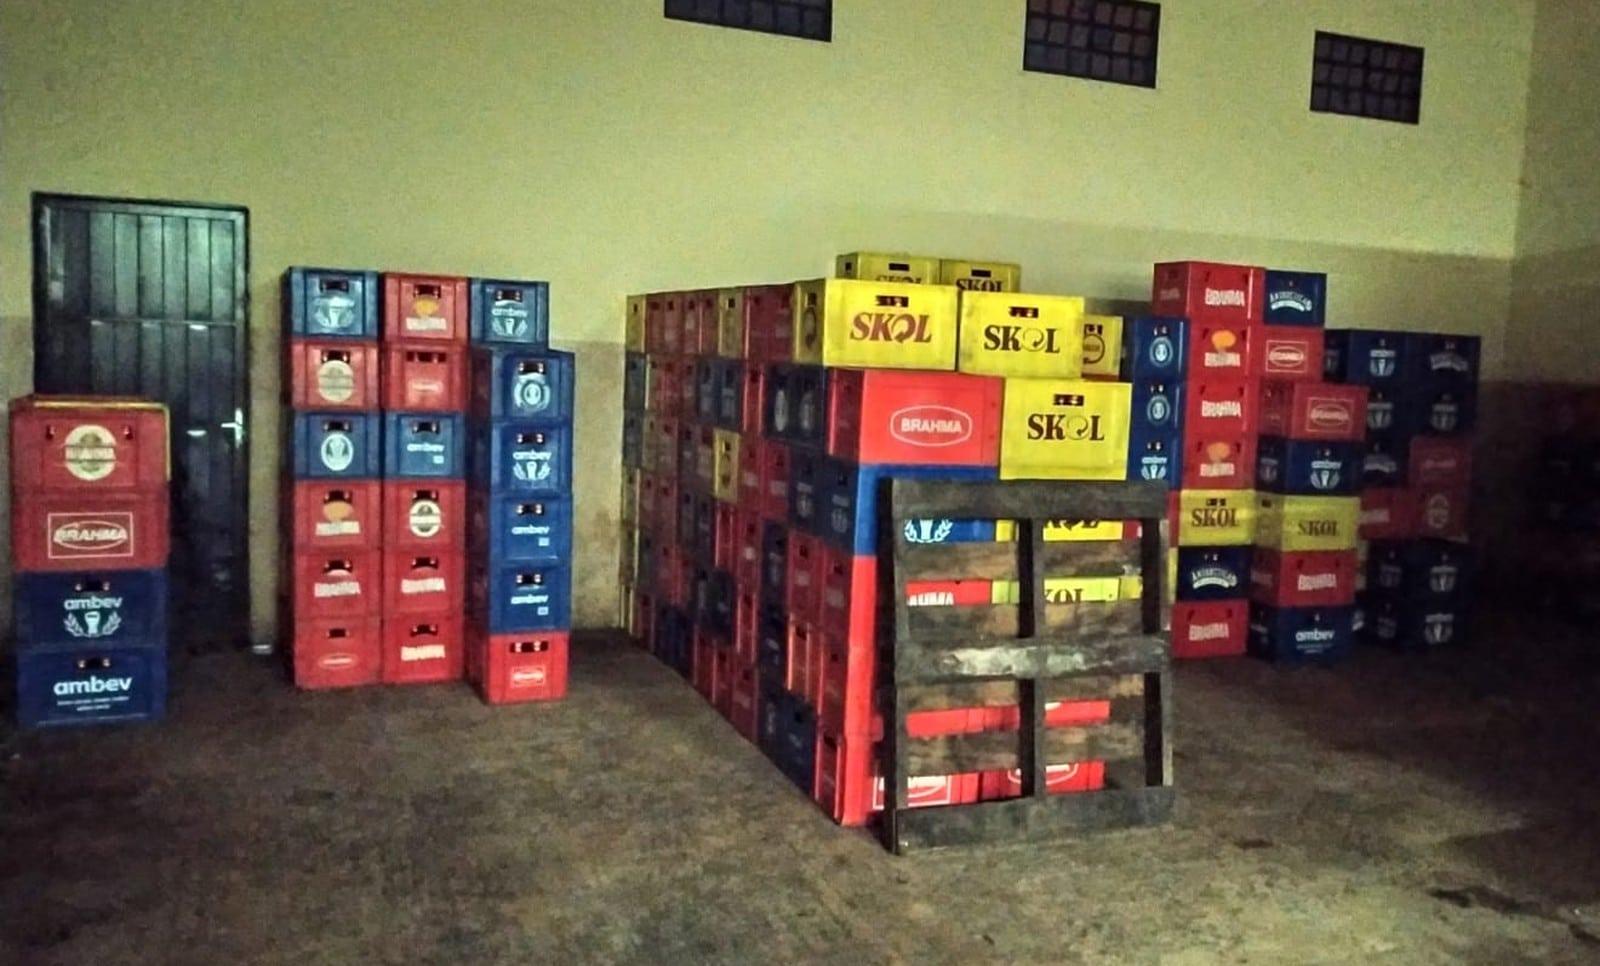 Polícia apreende mais de 16 mil garrafas de cerveja com rótulos falsificados em Ourinhos — Foto: Polícia Militar/Divulgação